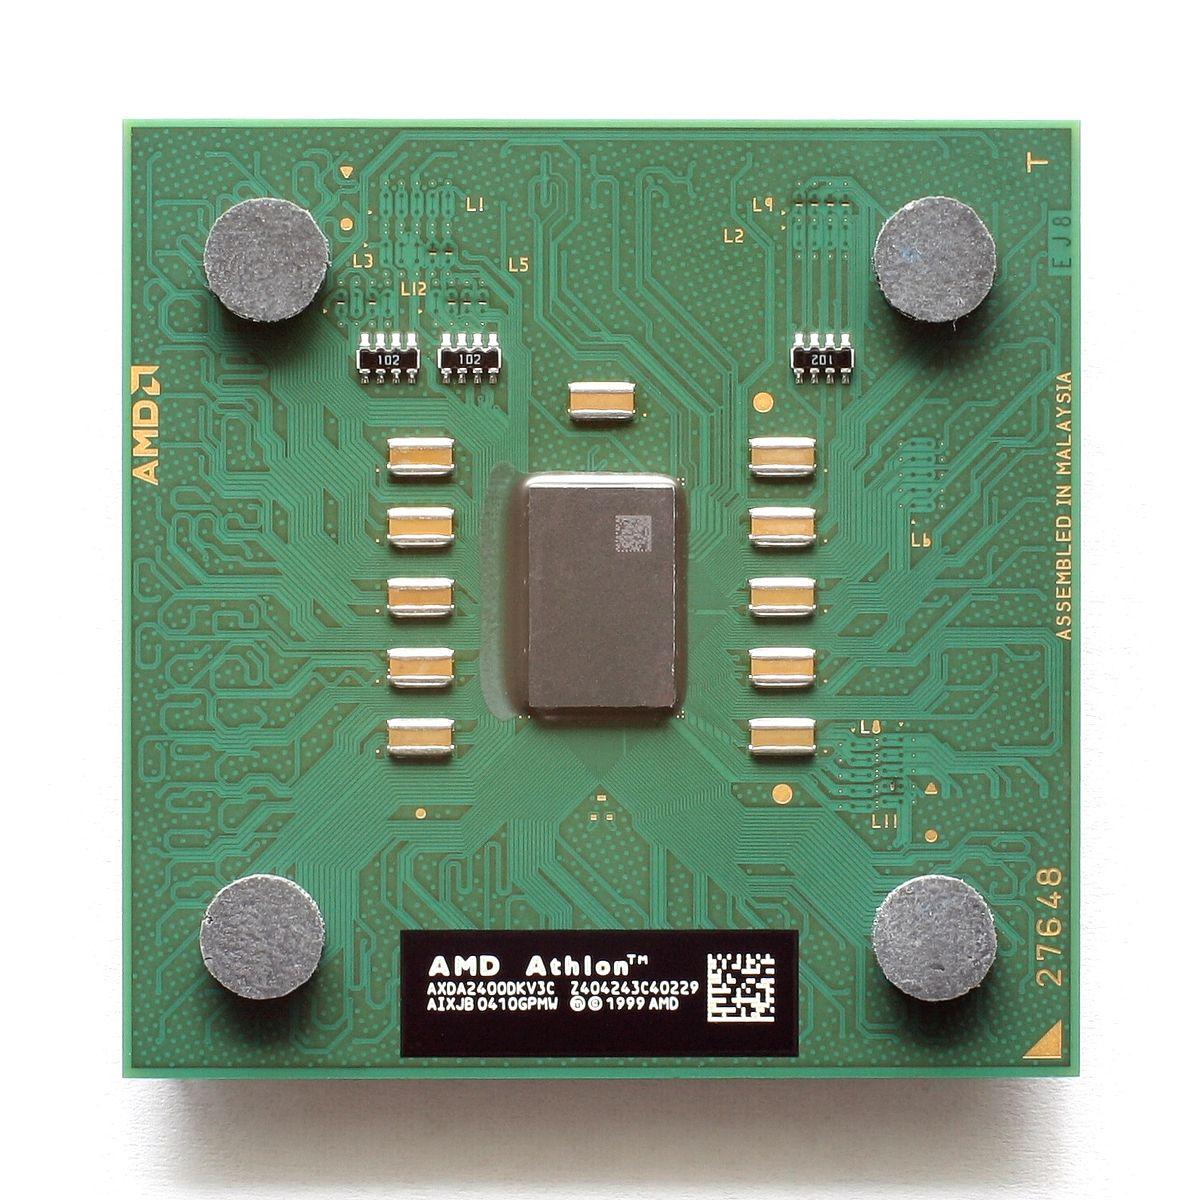 AMD Athlon - Wikipedia, la enciclopedia libre  Athlon